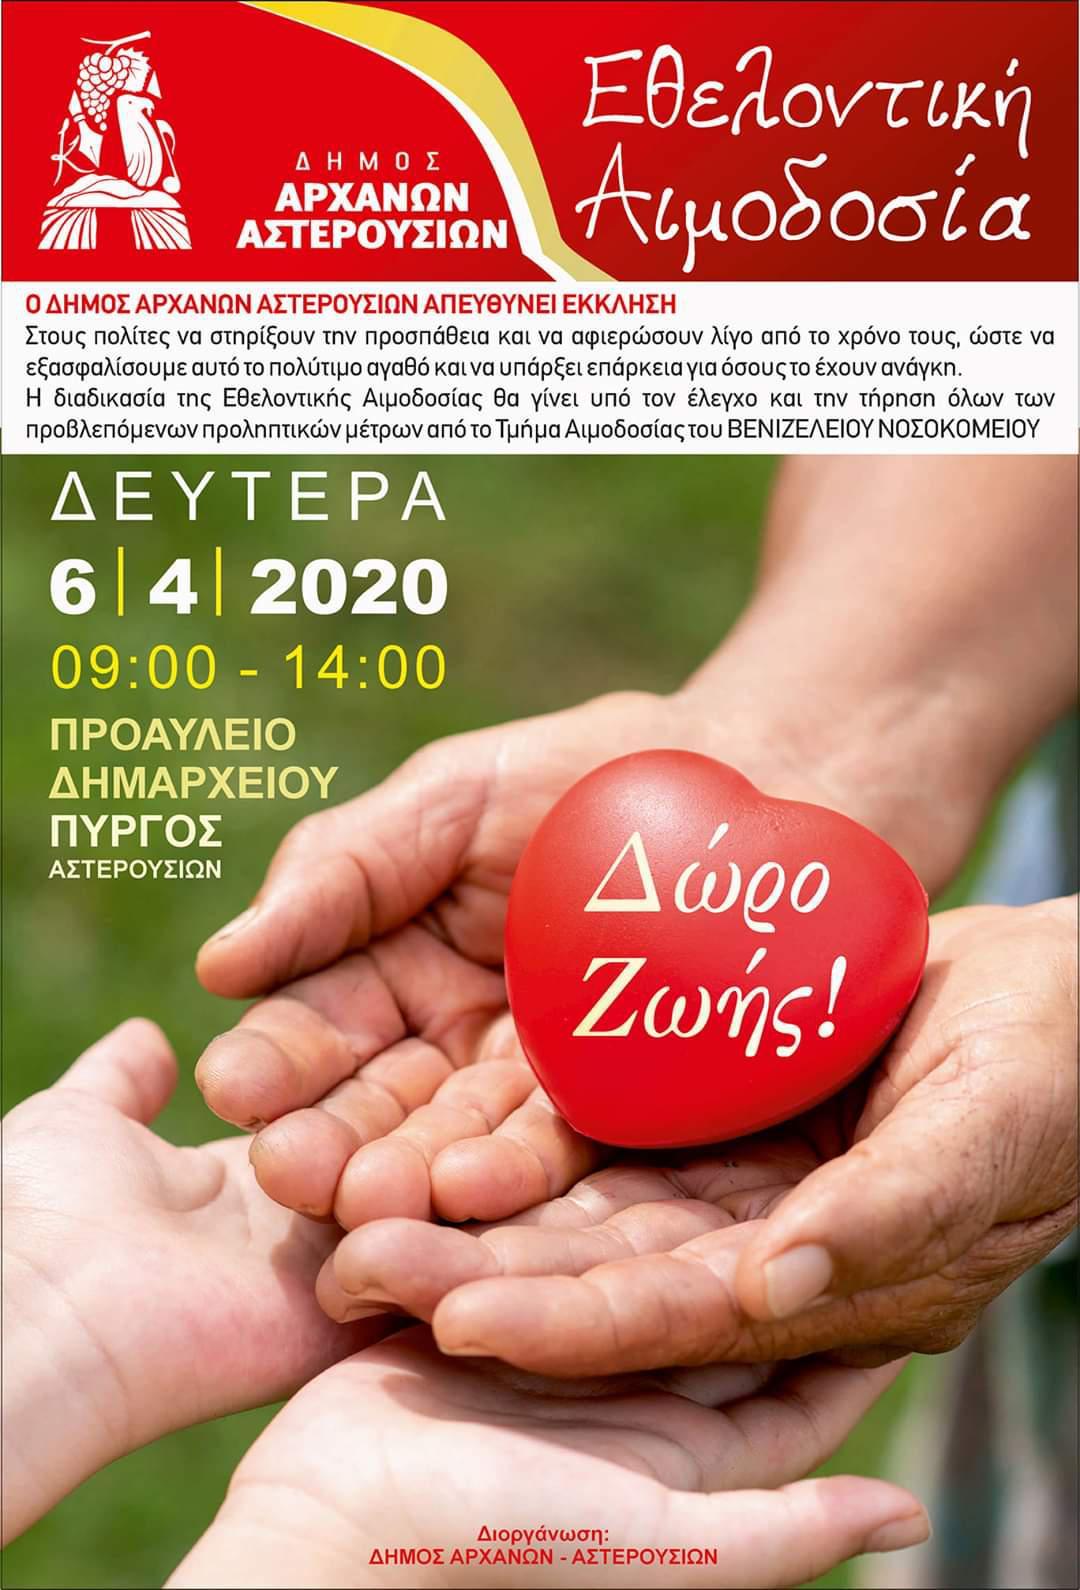 Έκκληση για αιμοδοσία από τον Δήμο Αρχανών-Αστερουσίων